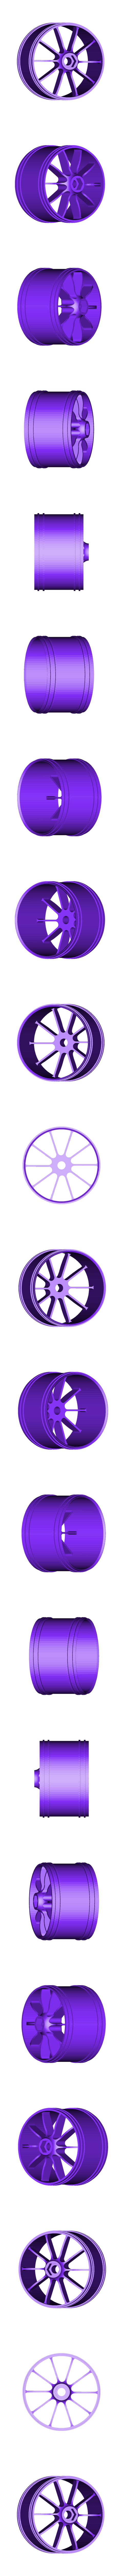 rear_rim_for_rubber_tire.stl Télécharger fichier STL gratuit 2016 Ducati Draxter Concept Drag Bike RC • Design à imprimer en 3D, brett